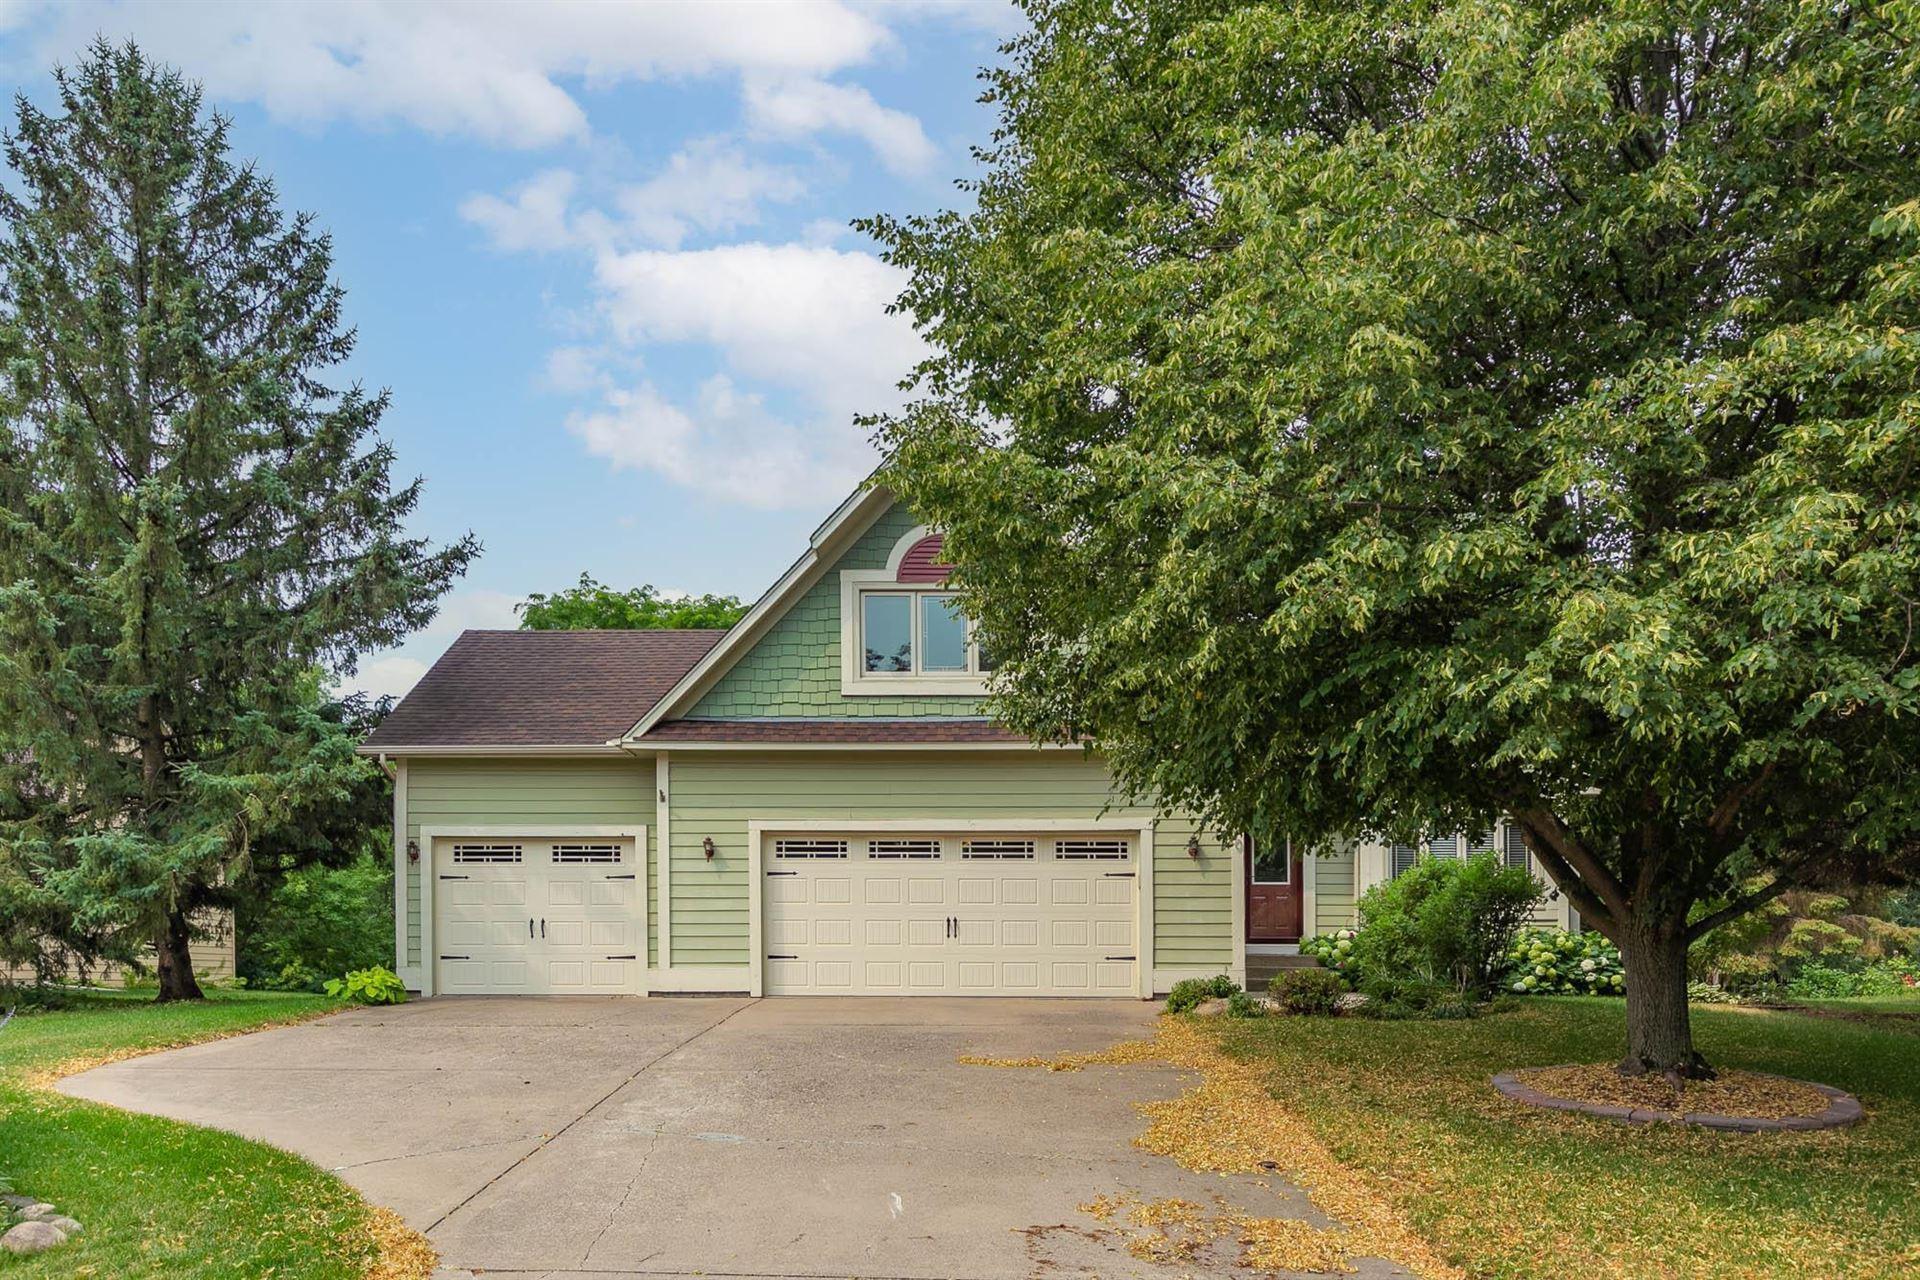 240 Woodridge Lane, Lino Lakes, MN 55014 - MLS#: 6030196